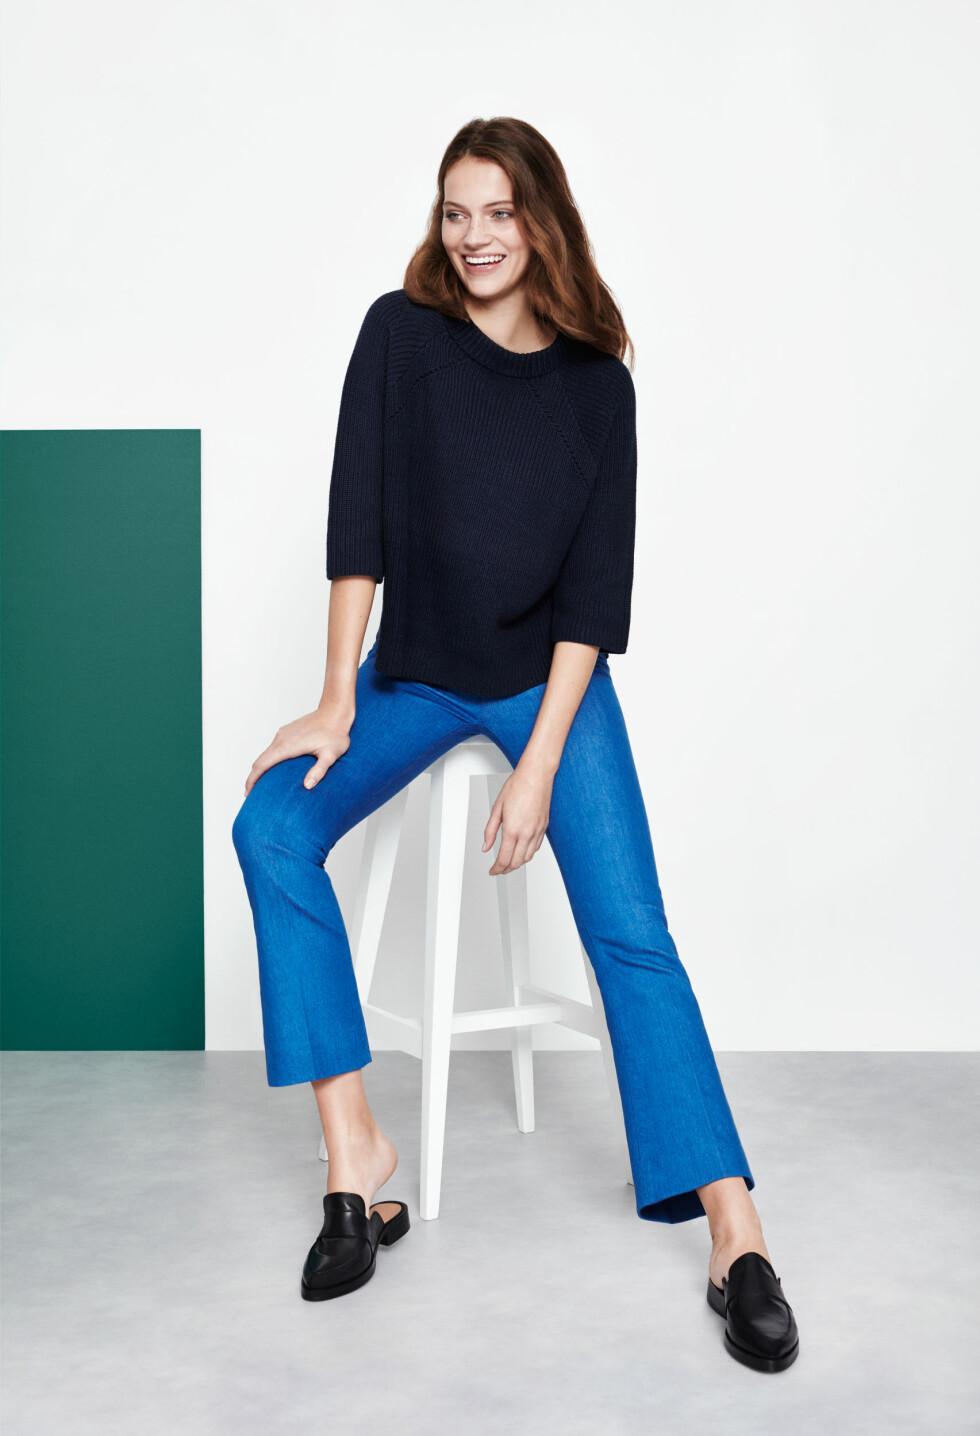 Ankelcroppede jeans med lett sleng er blant sommerens trender.  Foto: Lindex